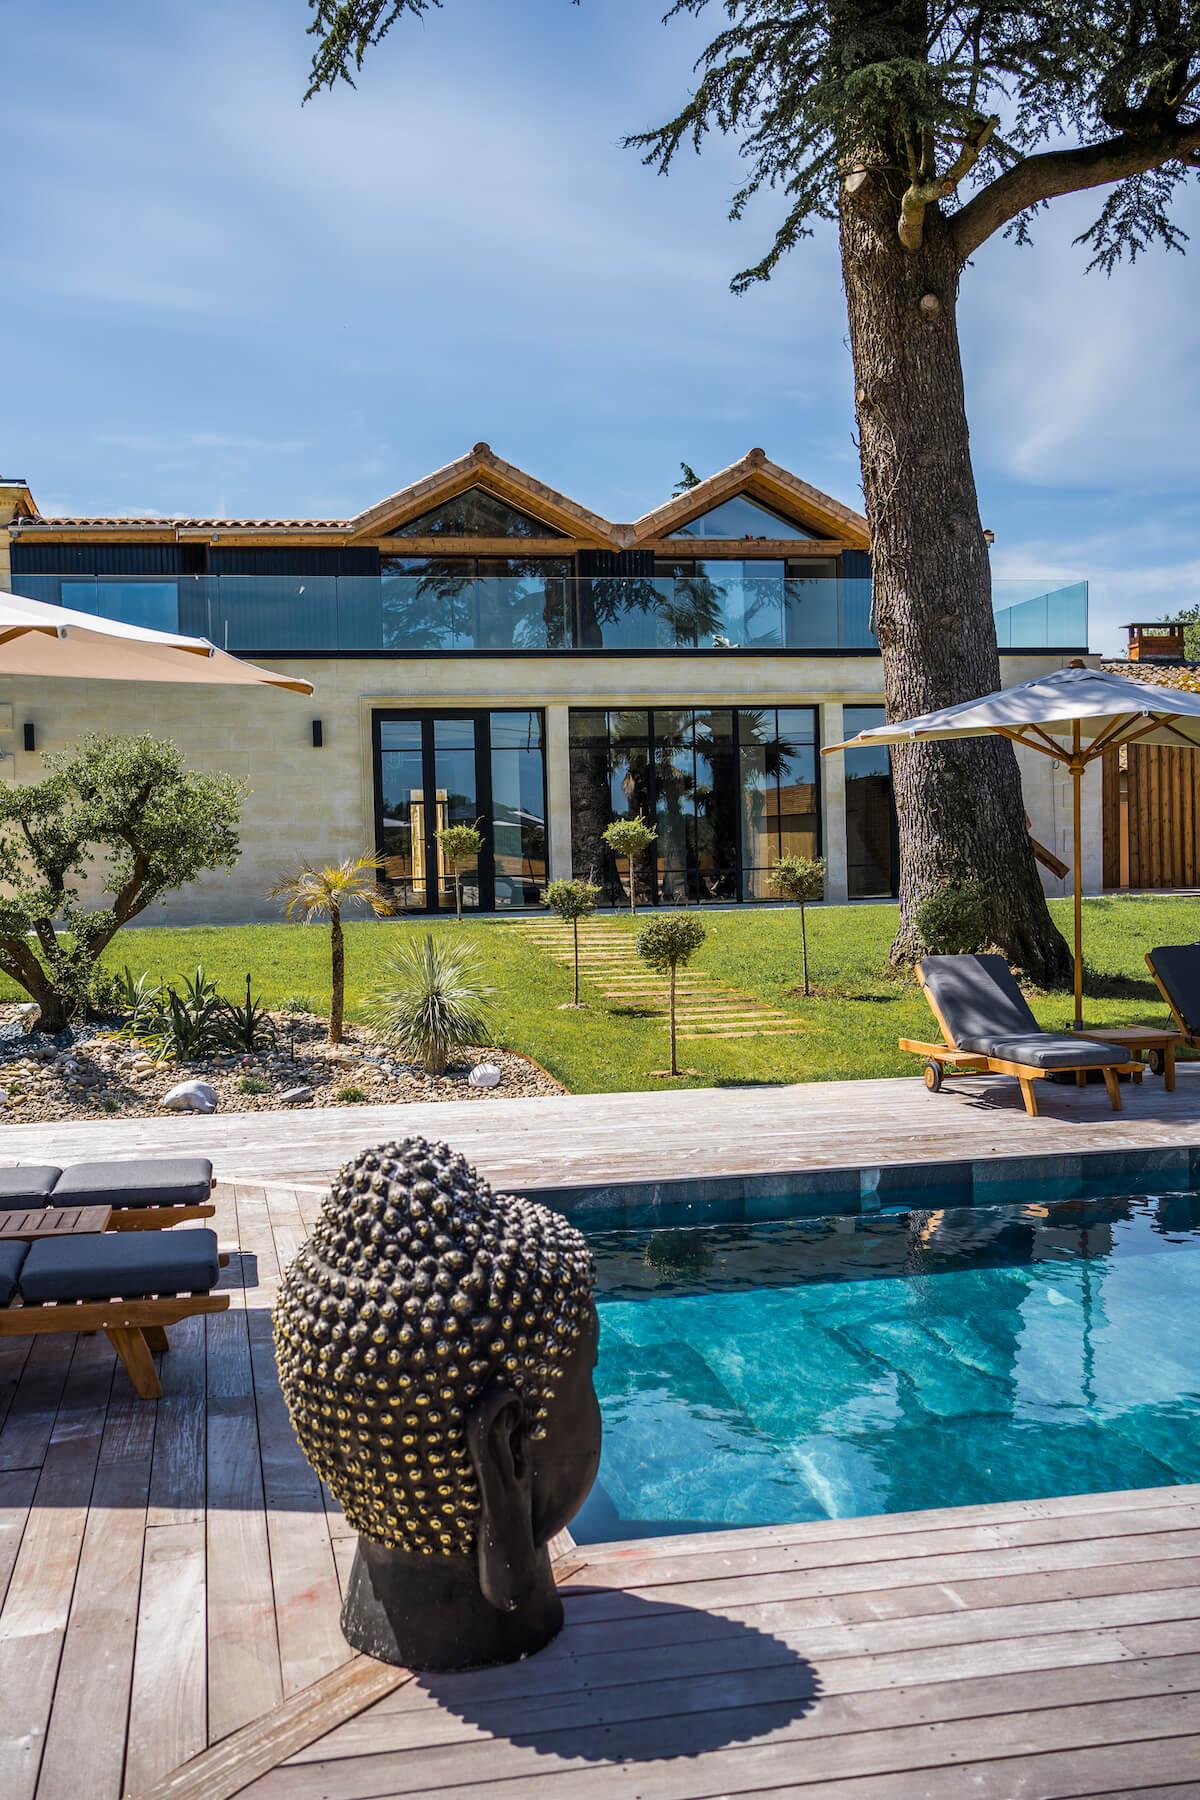 piscine et parc château grand arnaud chambres d'hôtes réception et séminaires bordeaux